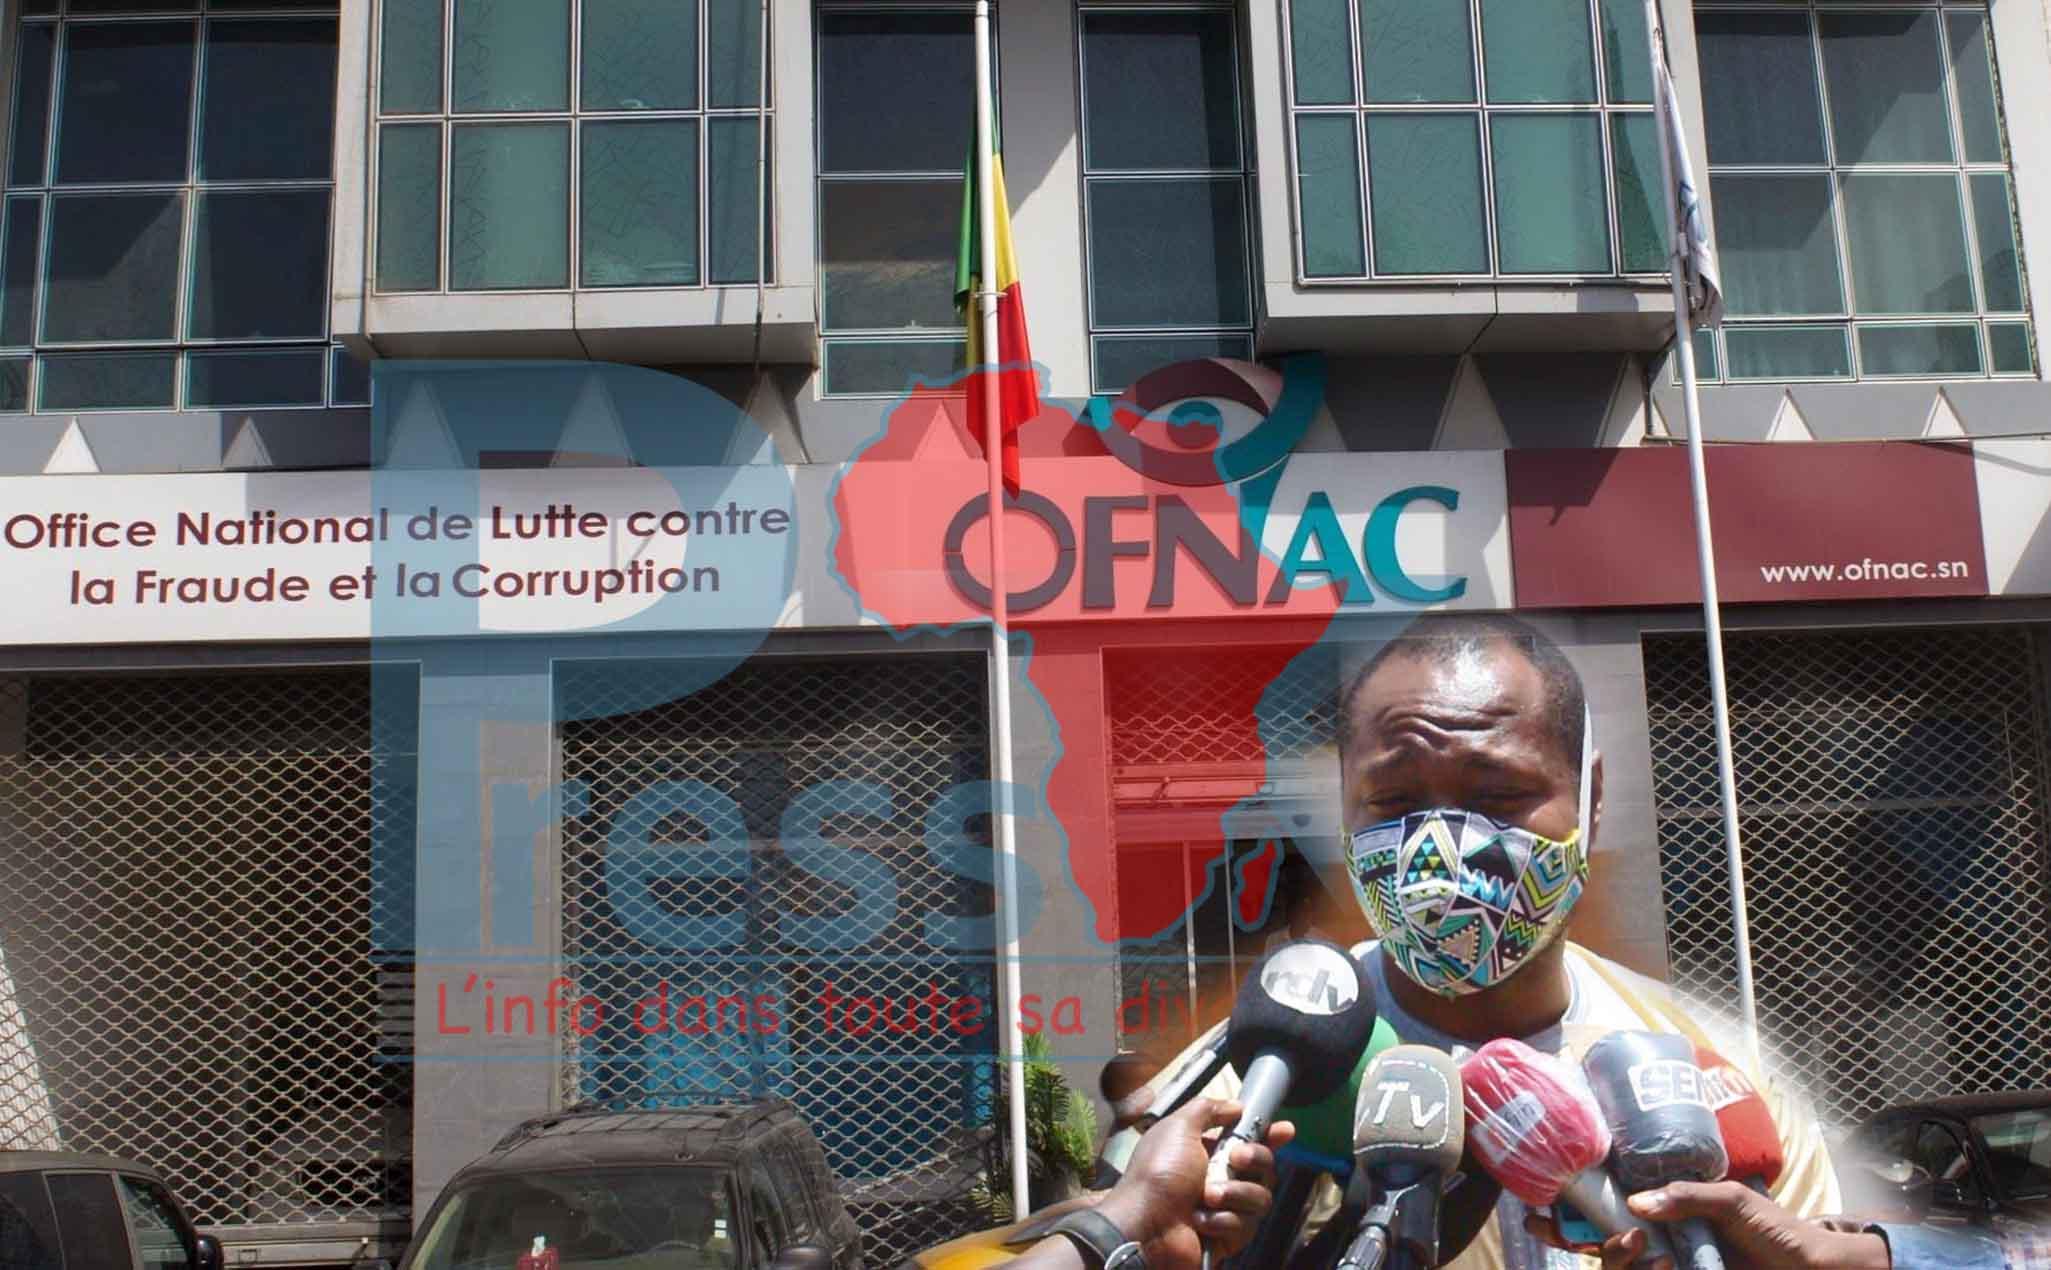 Marché transport Aide alimentaire: Guy Marius Sagna vilipende l'Assemblée nationale, le député Diop Sy et le ministre Mansour Faye à l'Ofnac